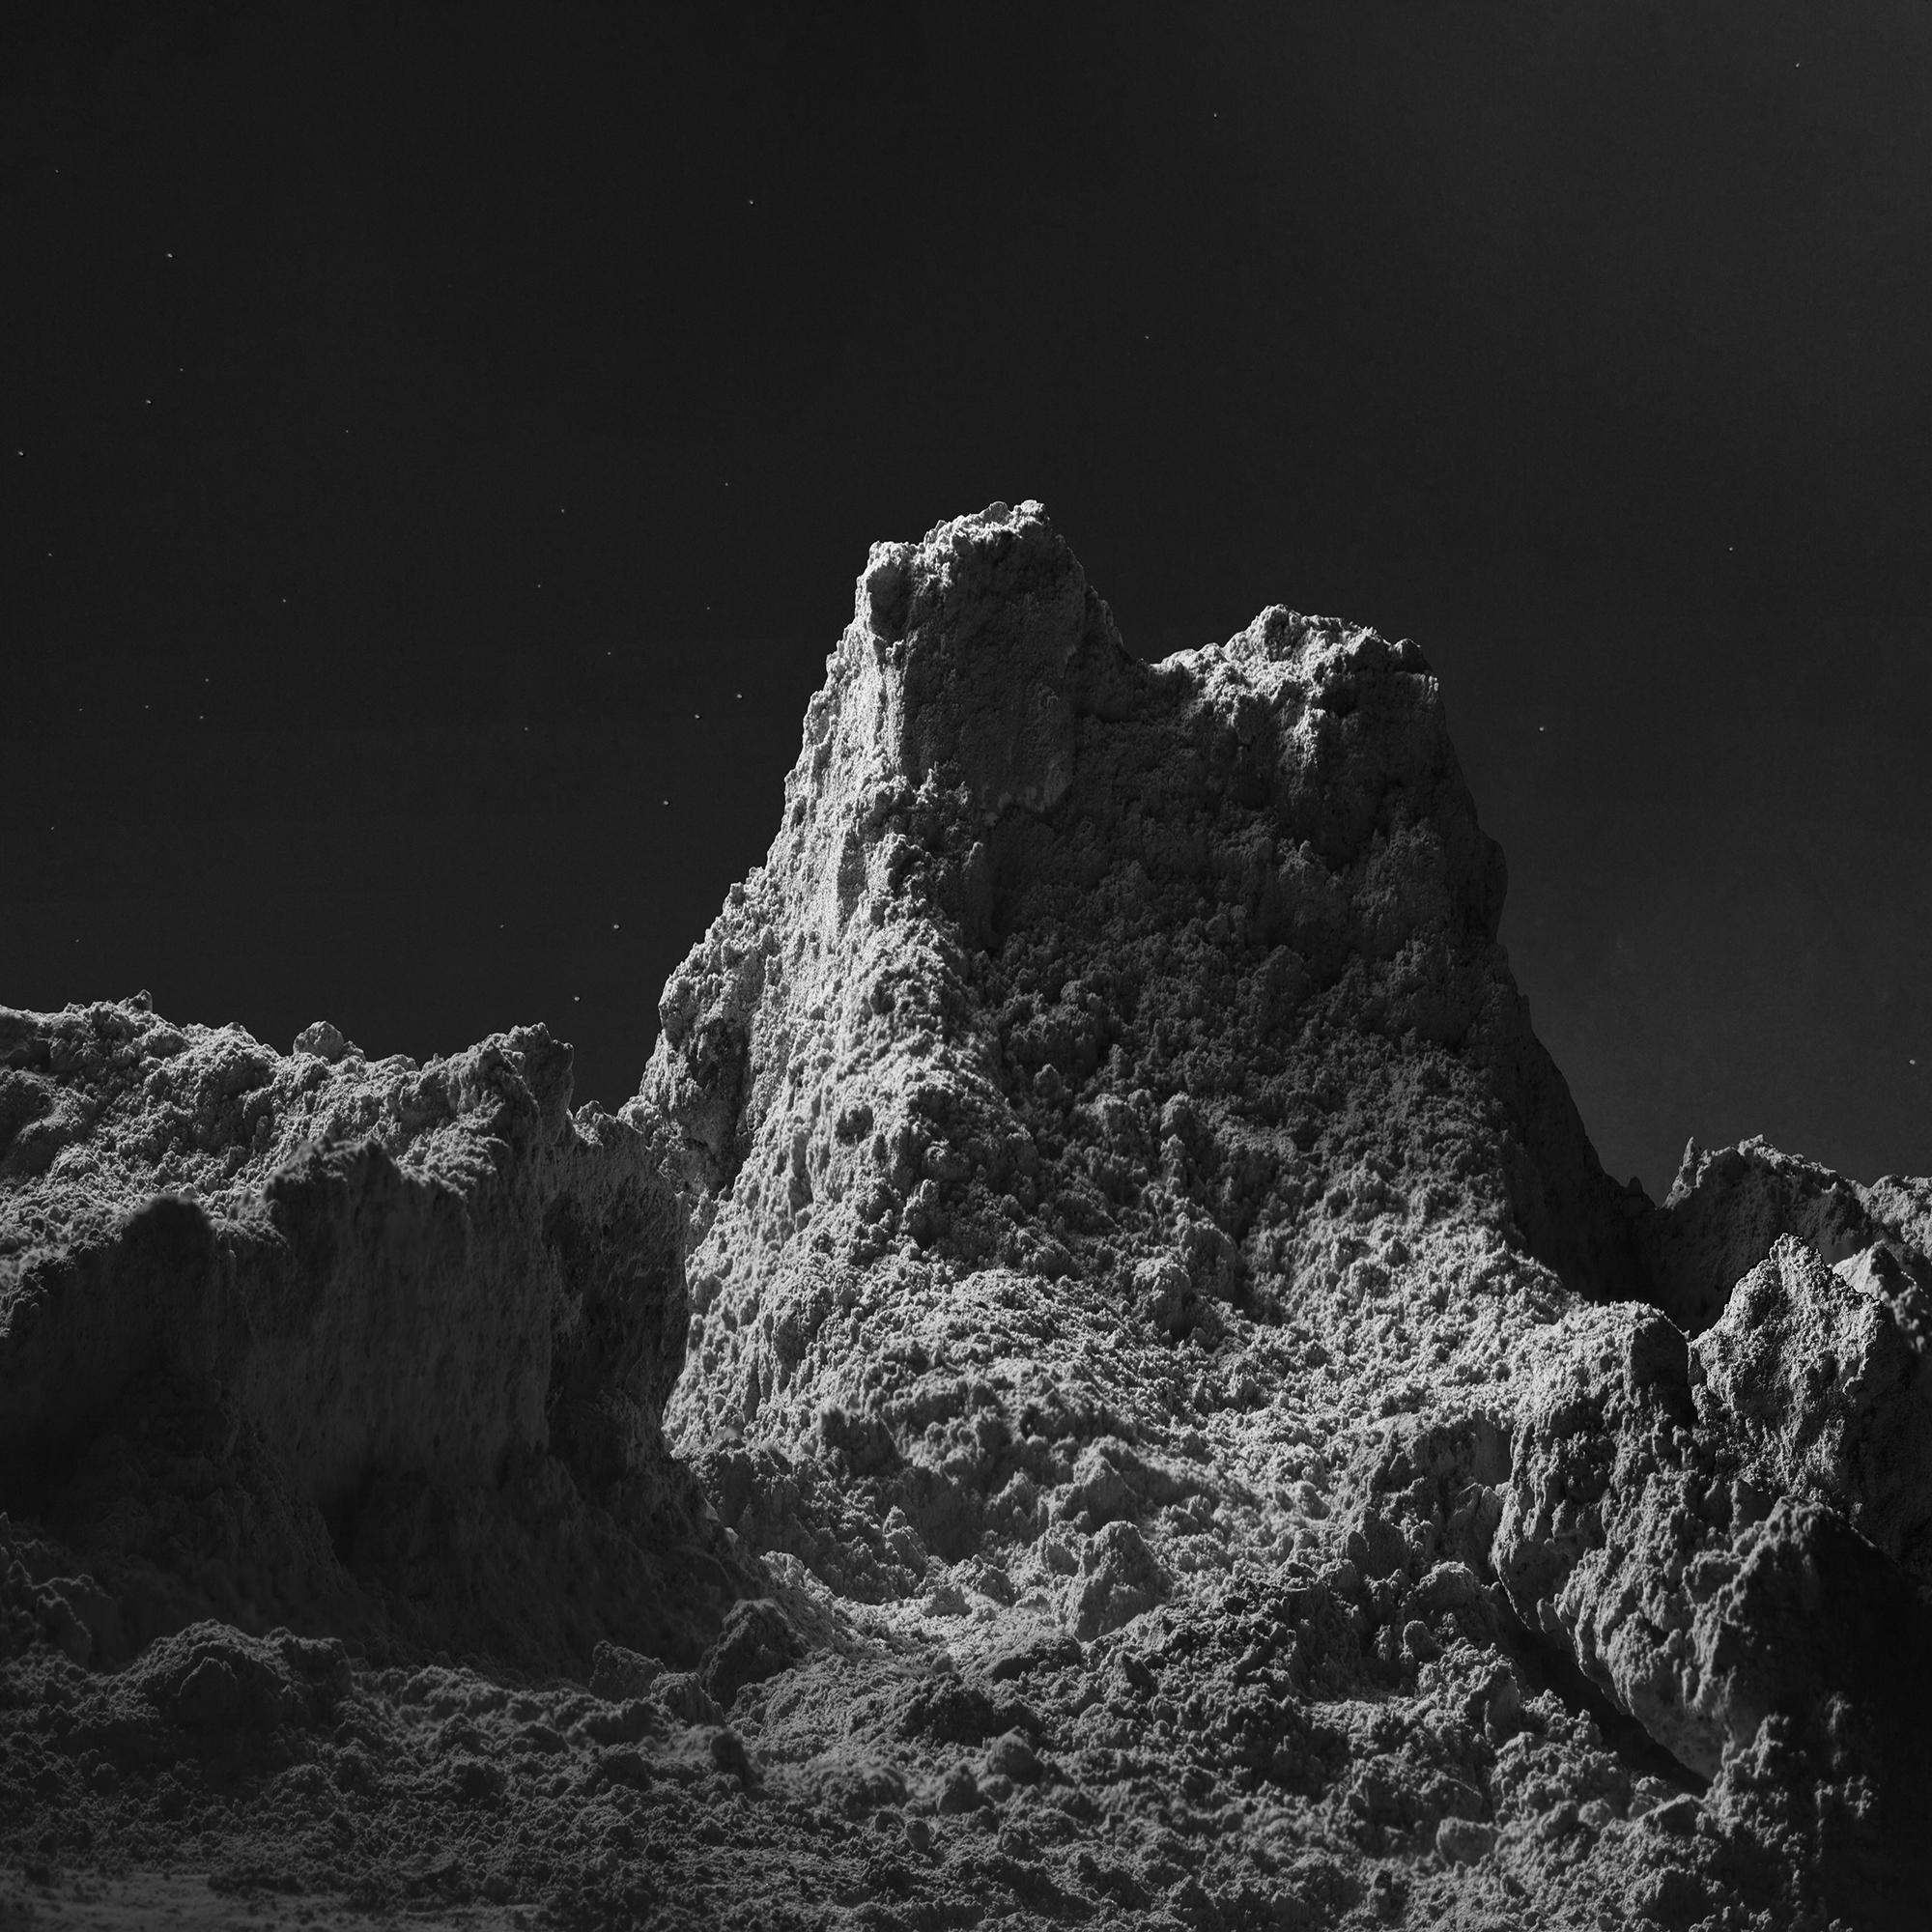 EXP374-comet.jpg